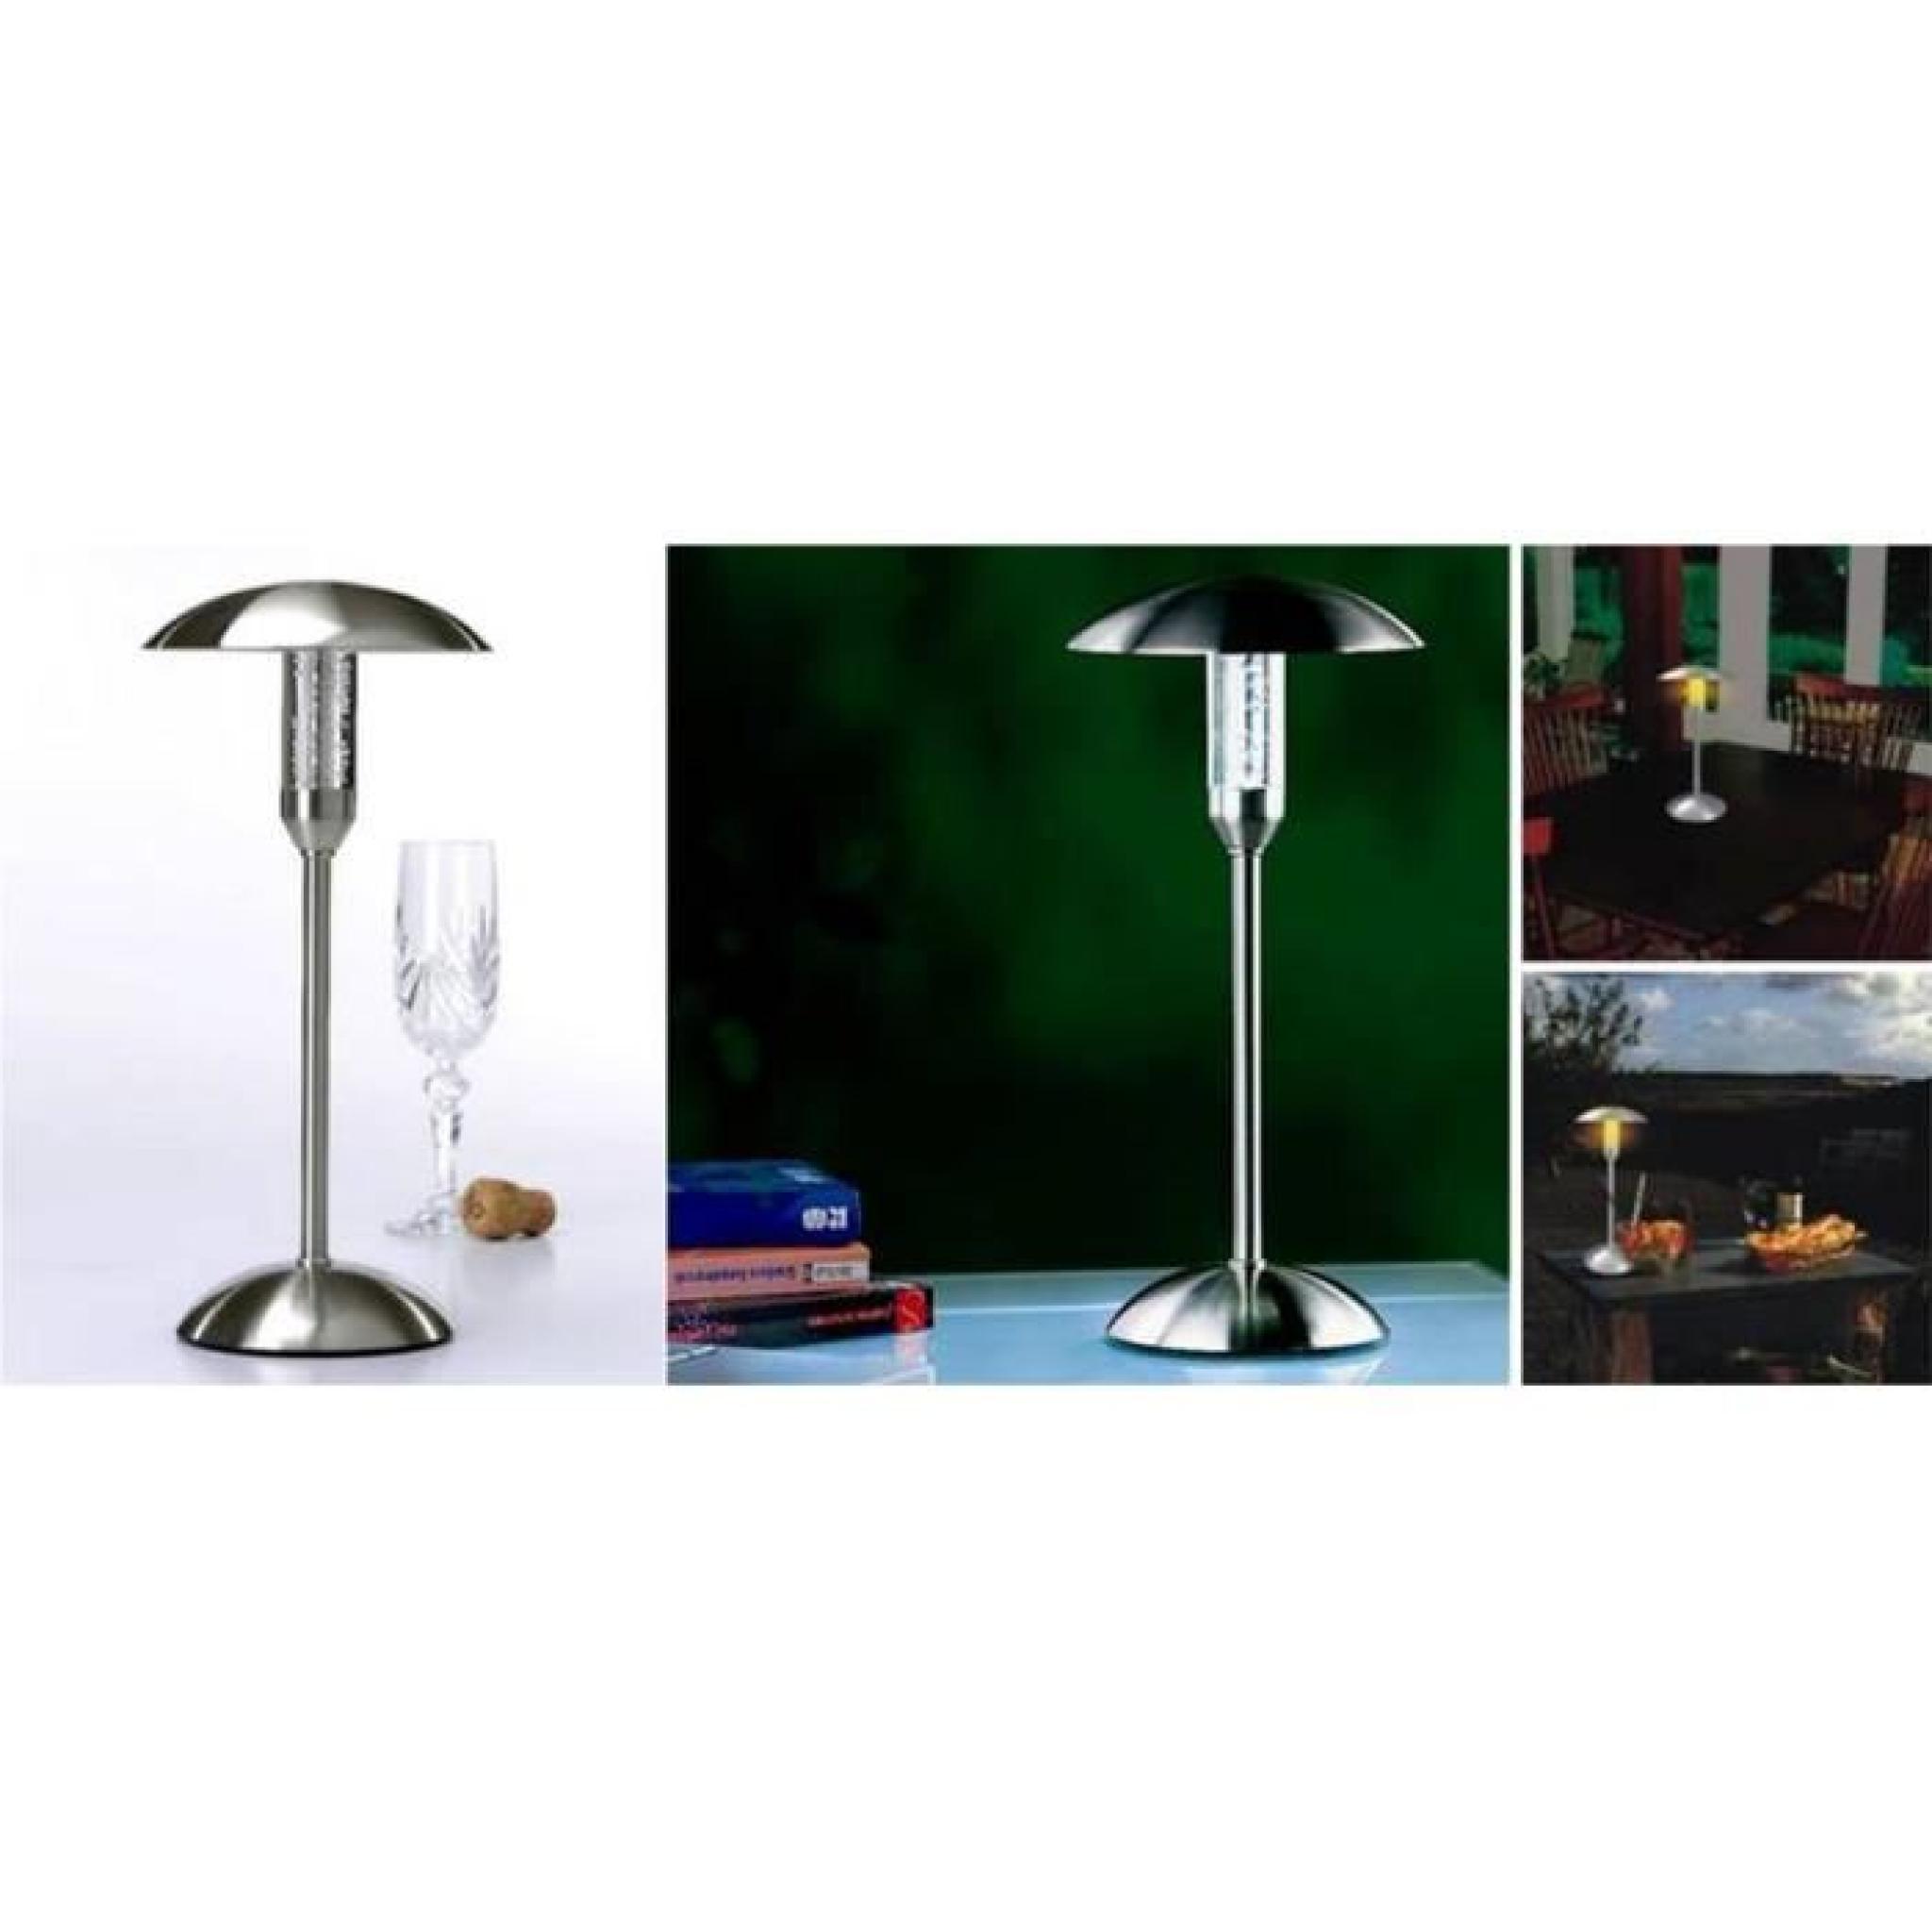 Lampe De Table Led Design Nomade Sans Fil Achat Vente Lampe A